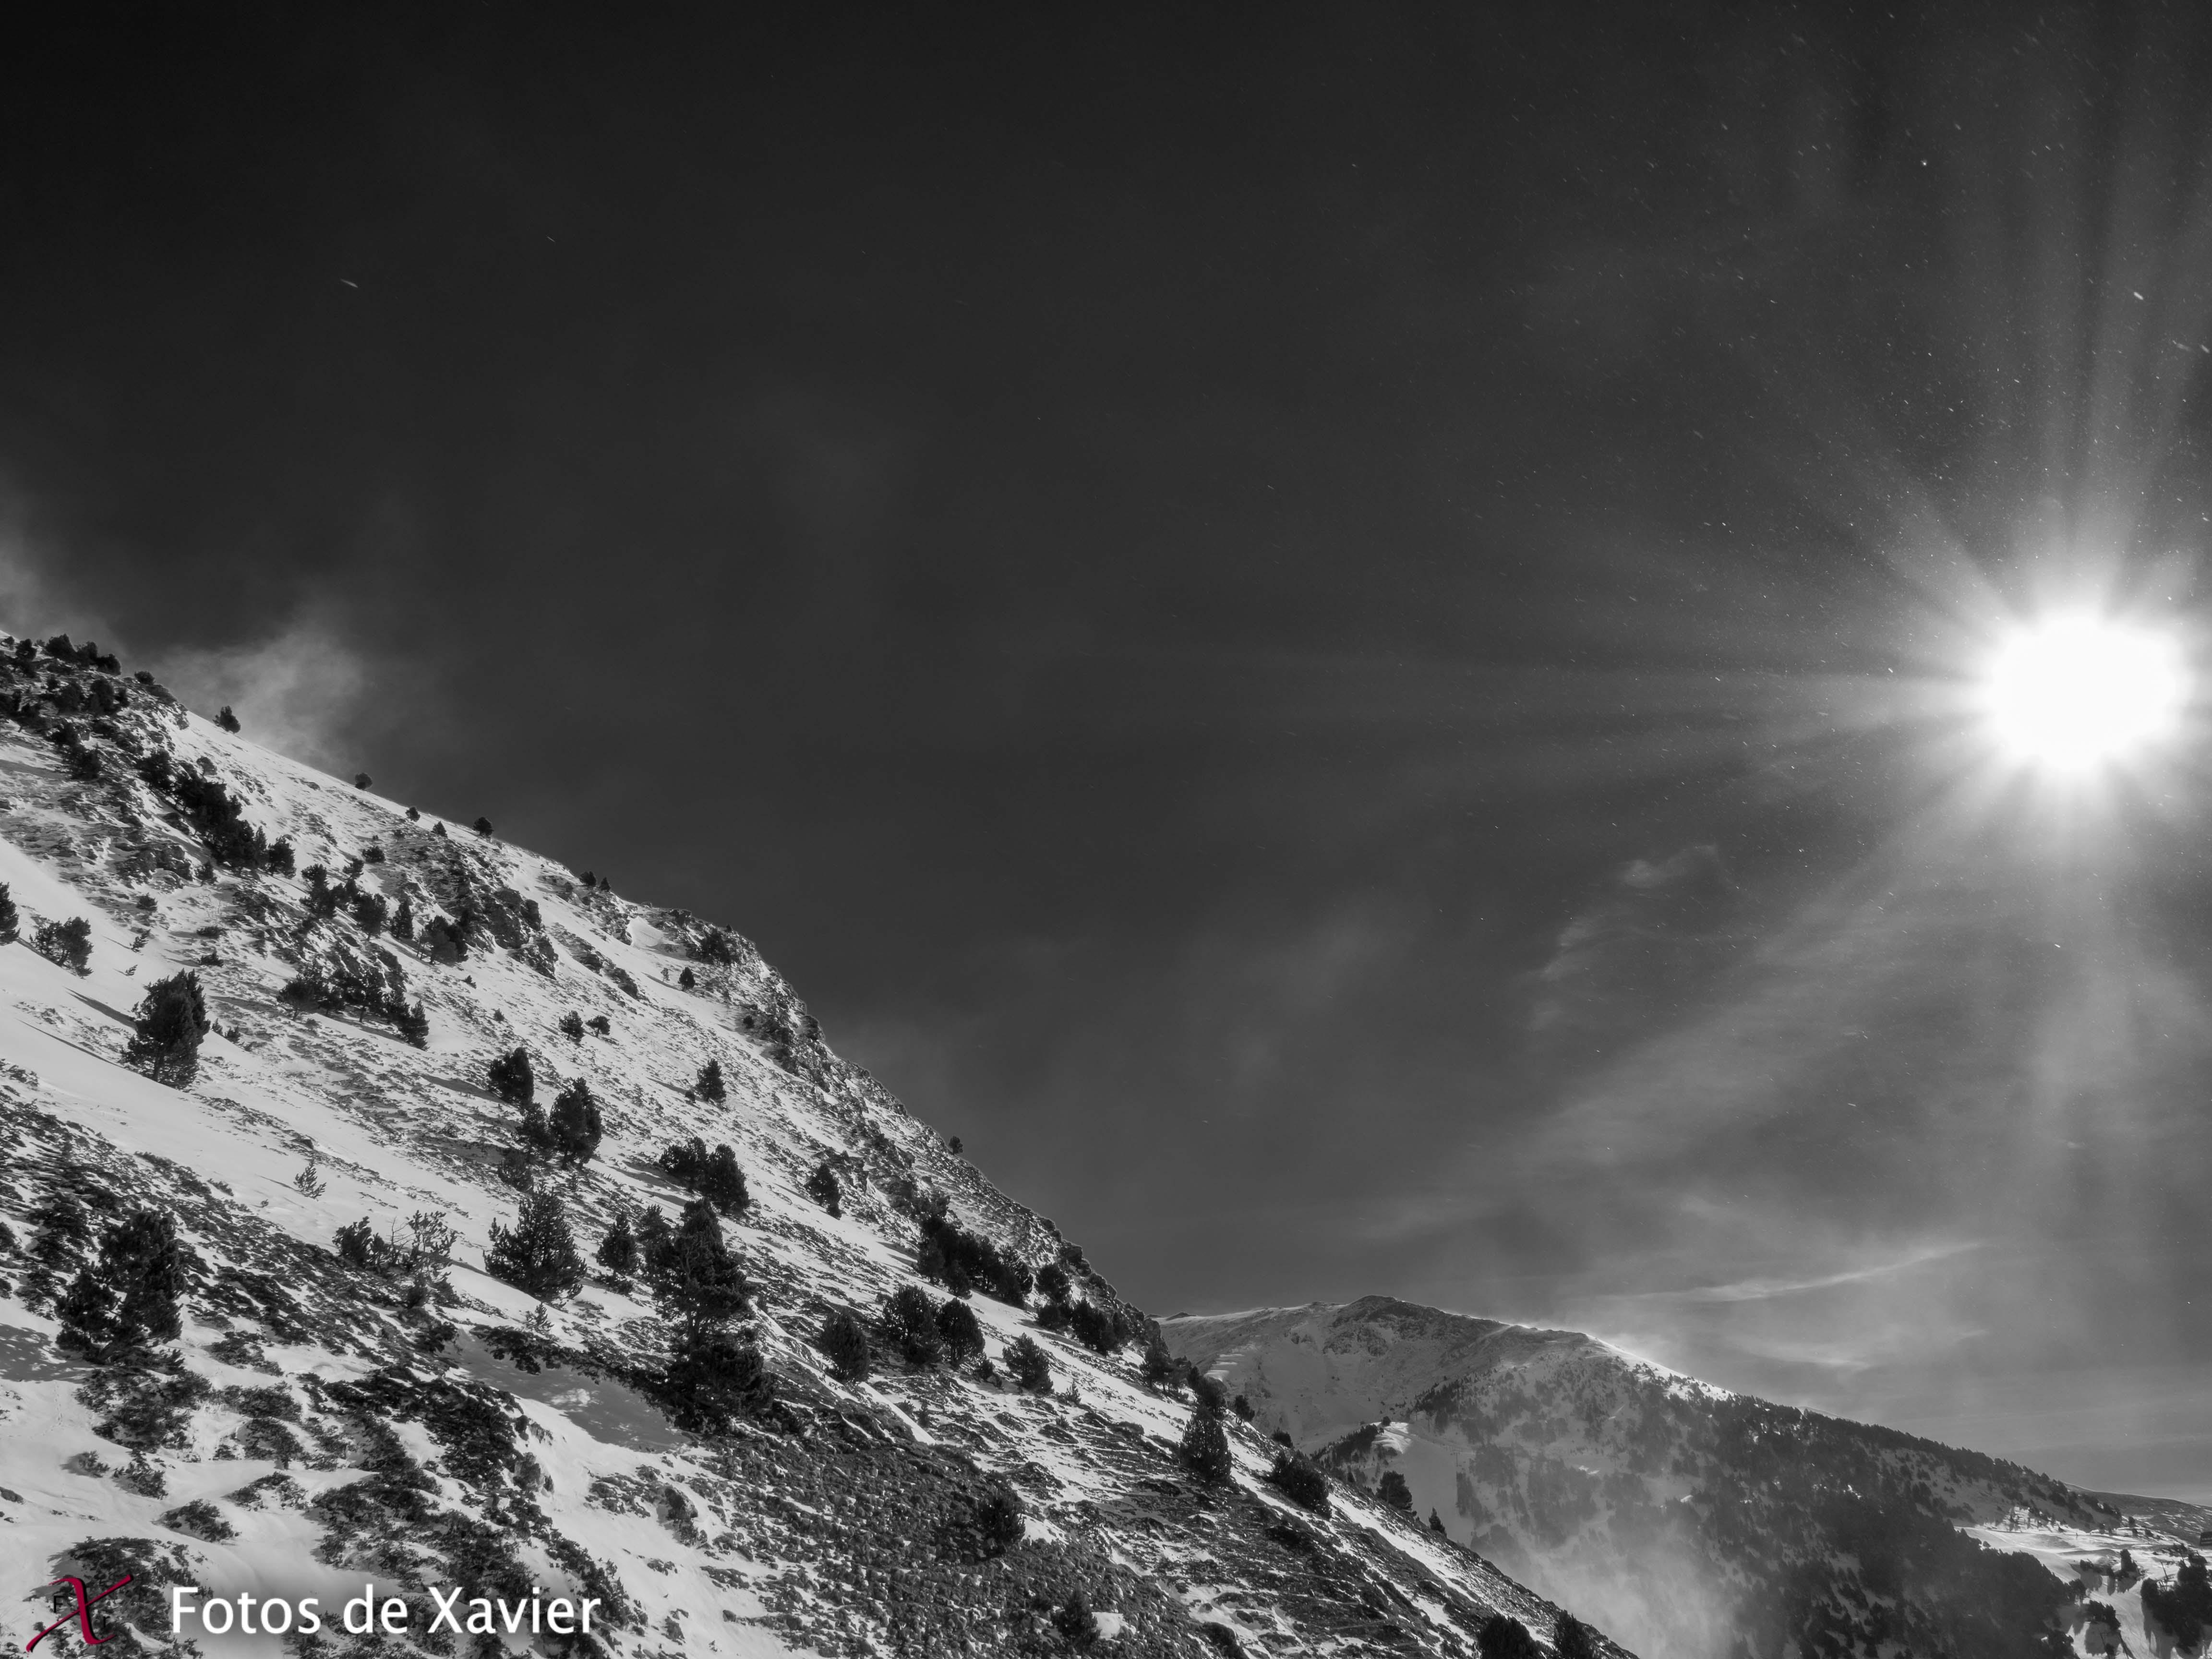 Sol, viento y nieve - Blanco y negro - Fotos de Xavier. Fotografia de naturaleza y paisaje en blanco y negro. Xavier Linares